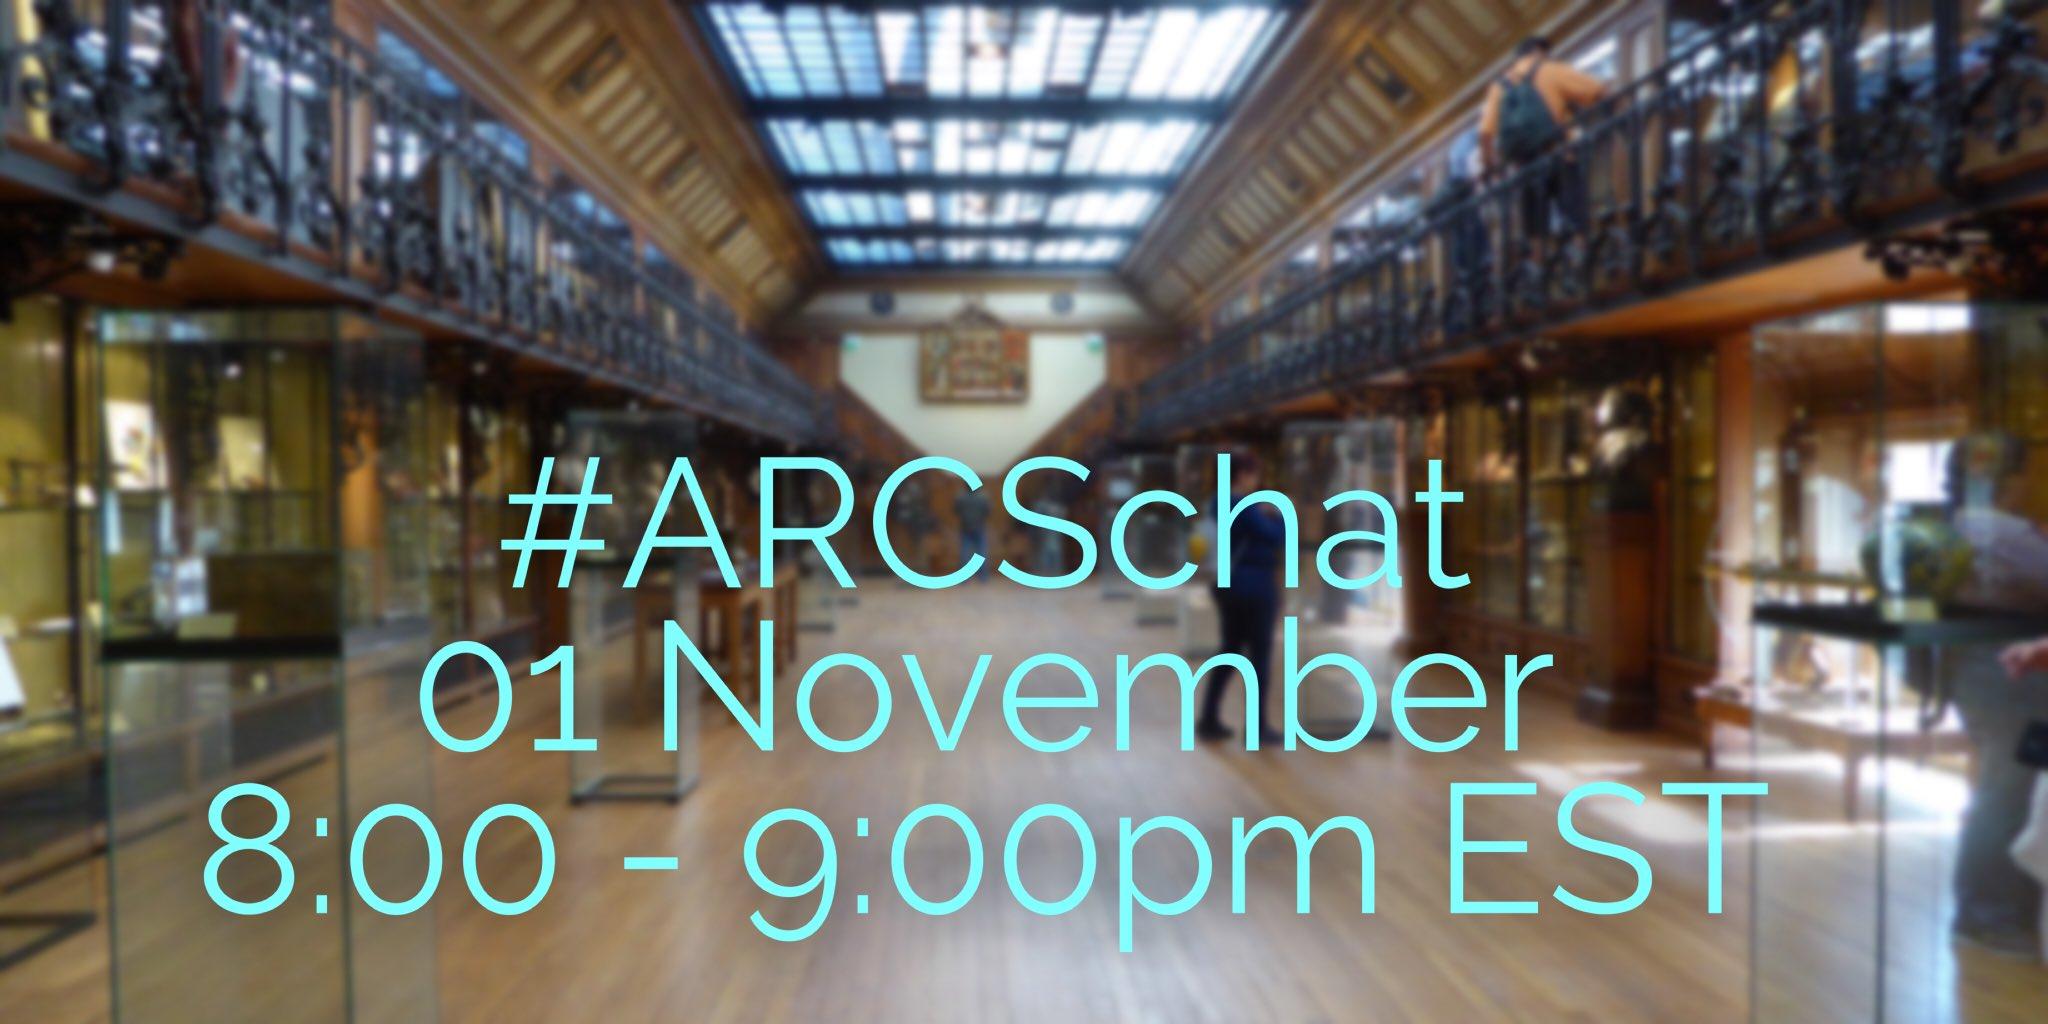 Thumbnail for #ARCSchat 01 November 2016 - Freelance Registrars